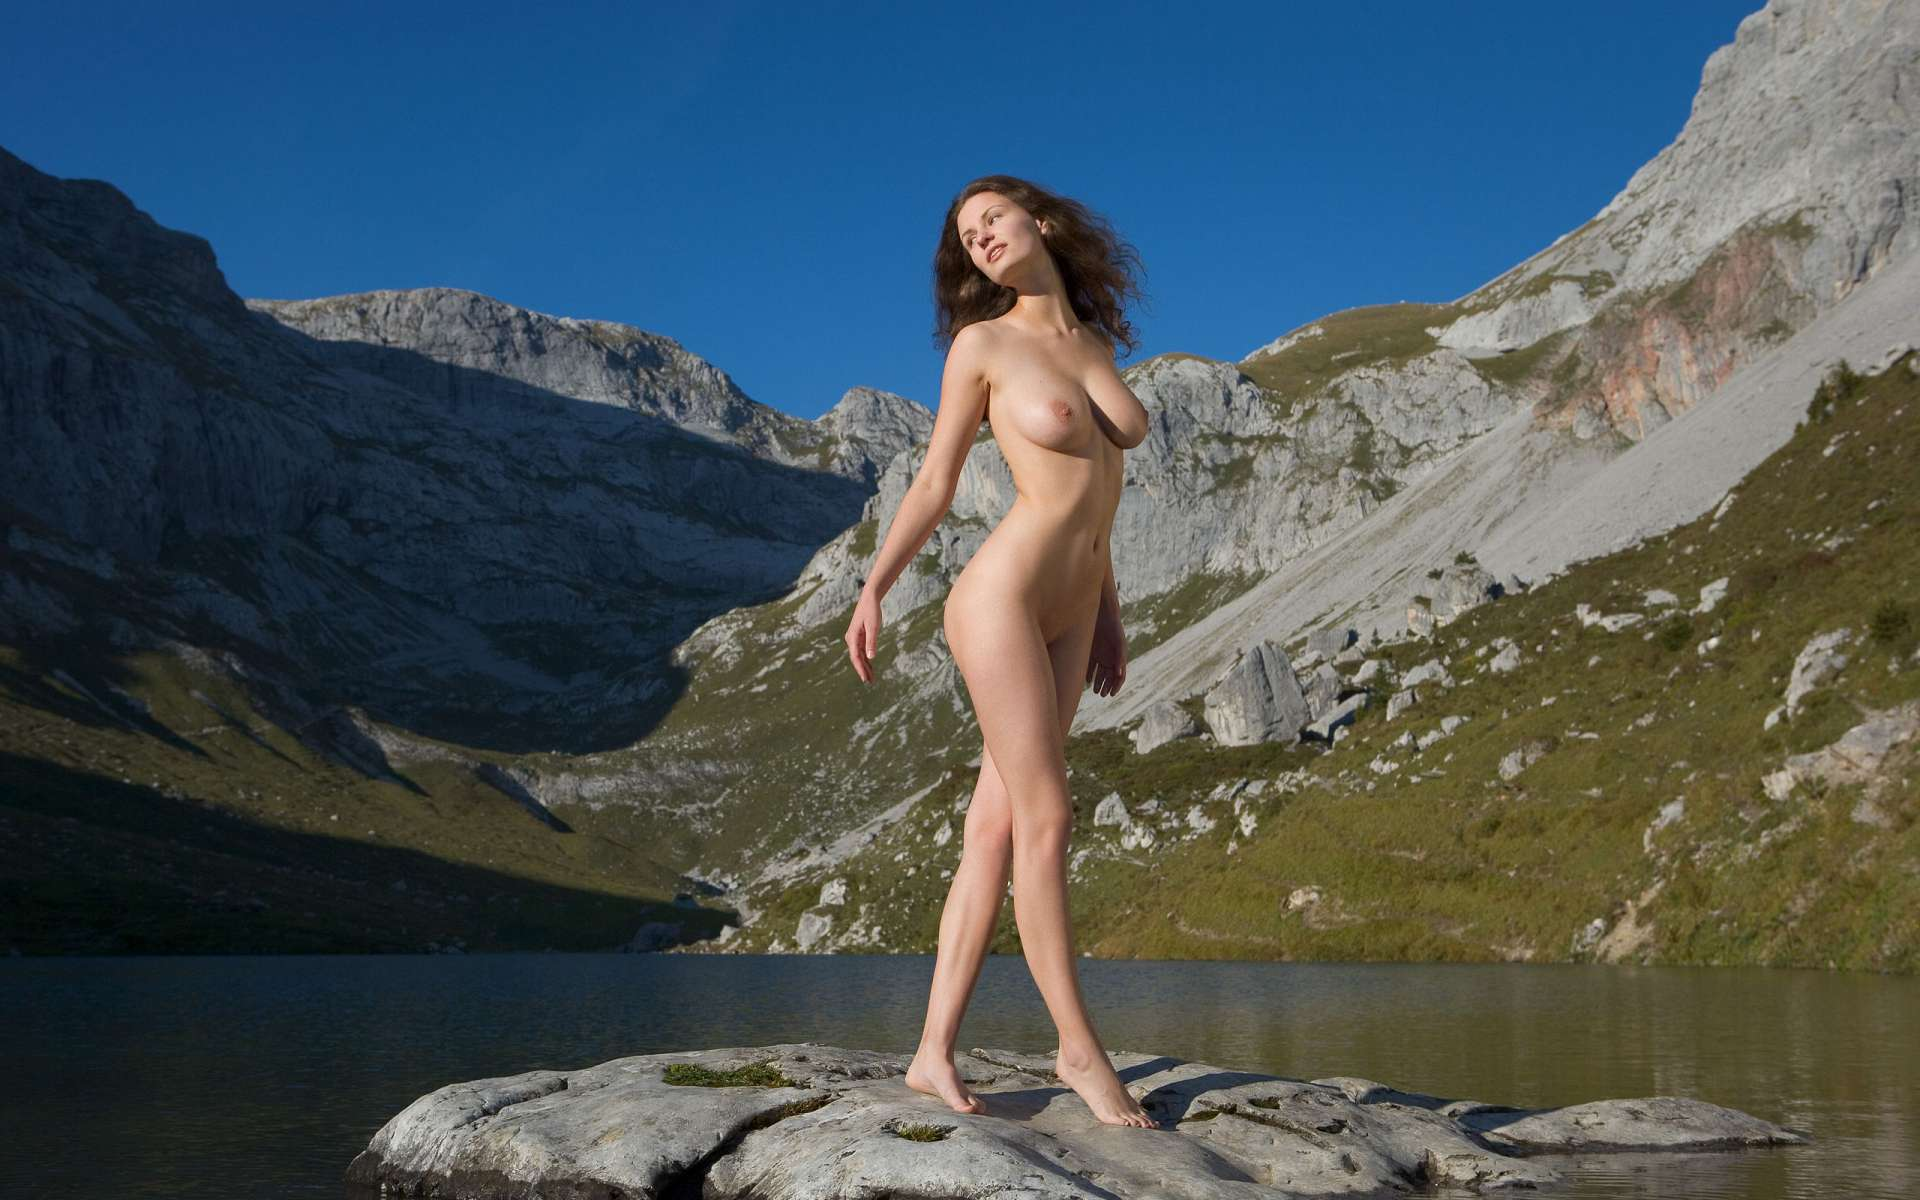 Лучшие фото голых девушек